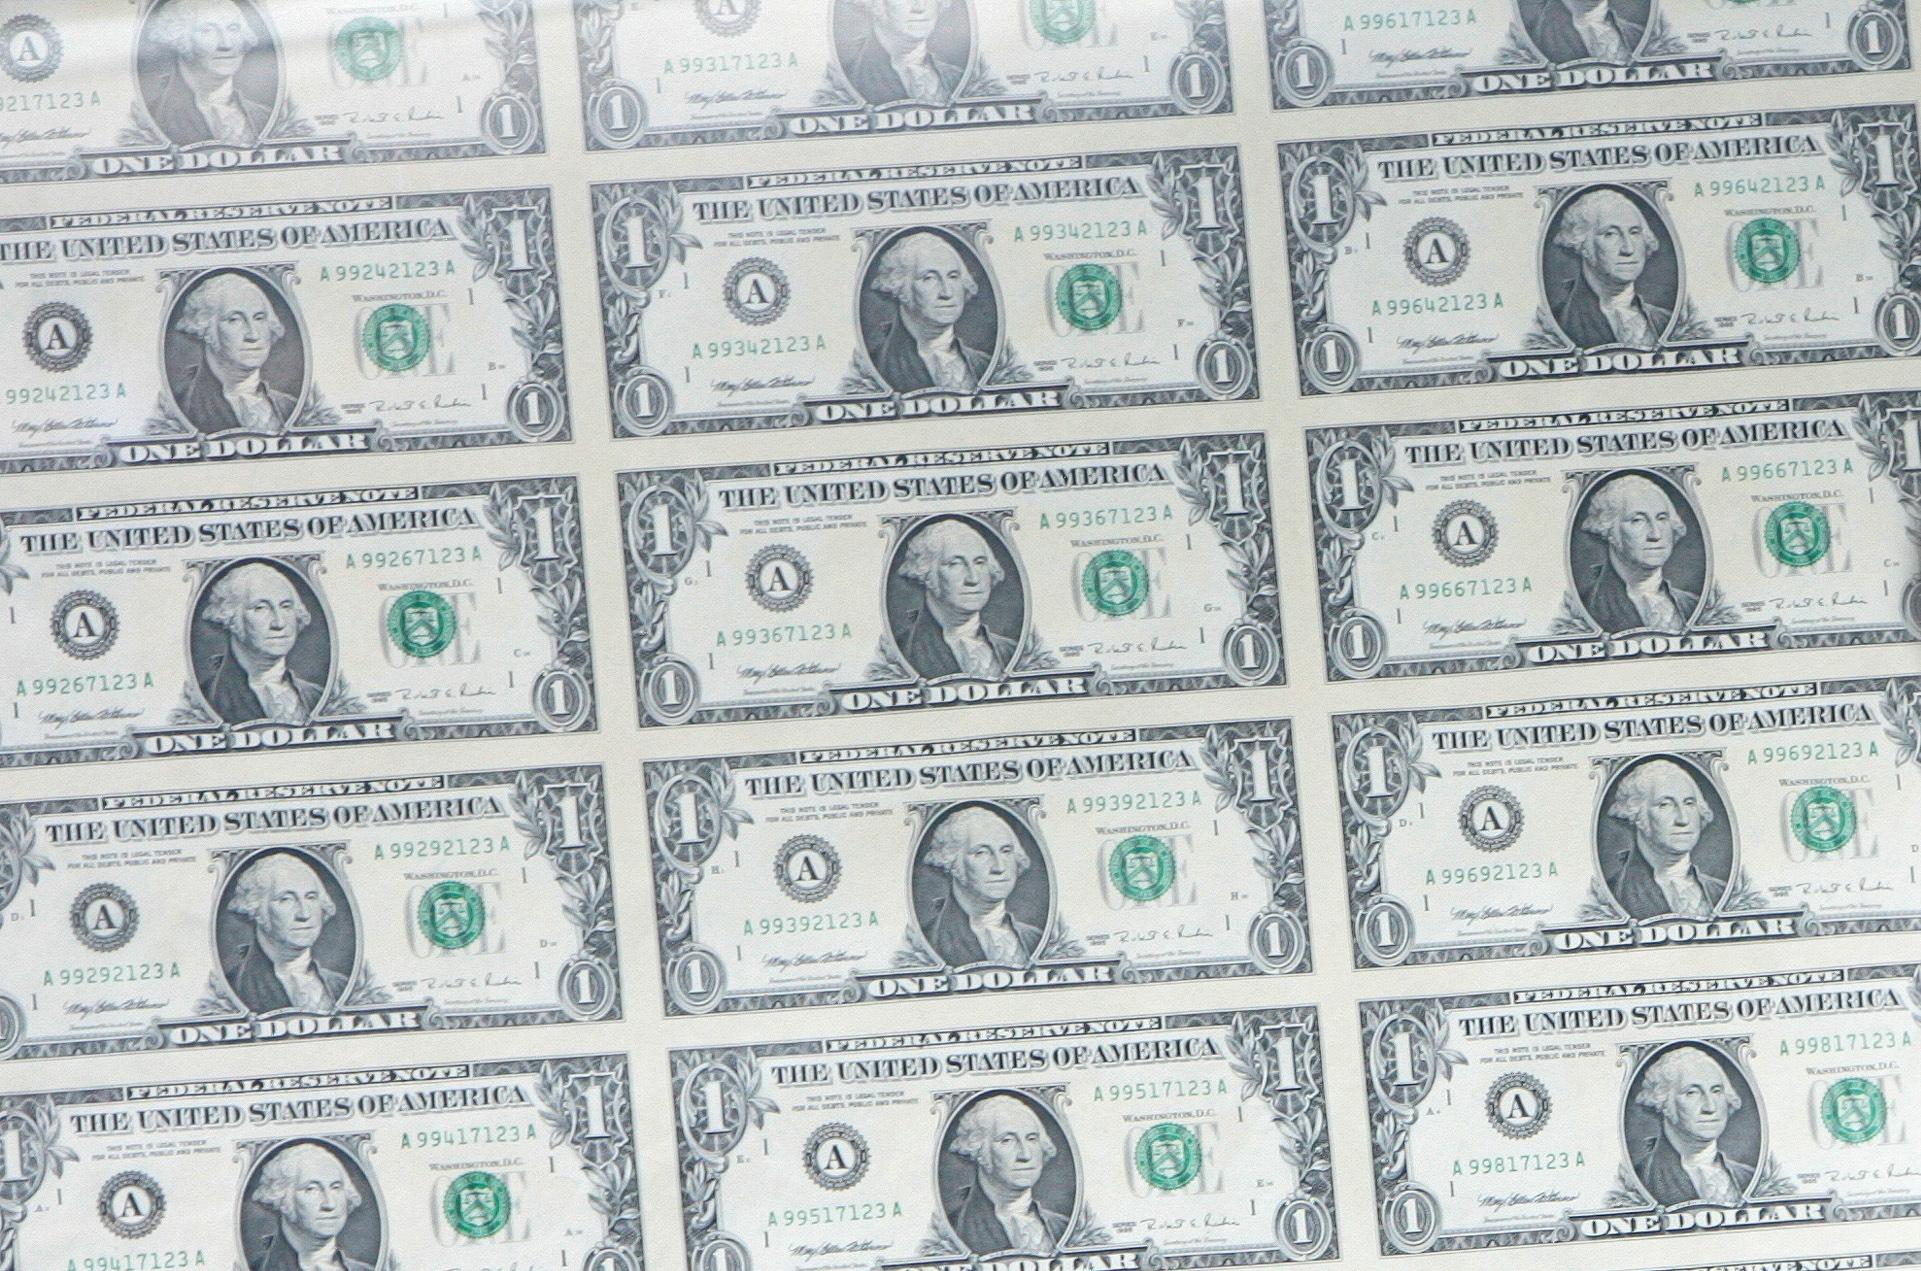 les-banques-ont-paye-321-milliards-de-dollars-d-amendes-depuis-la-crise-financiere